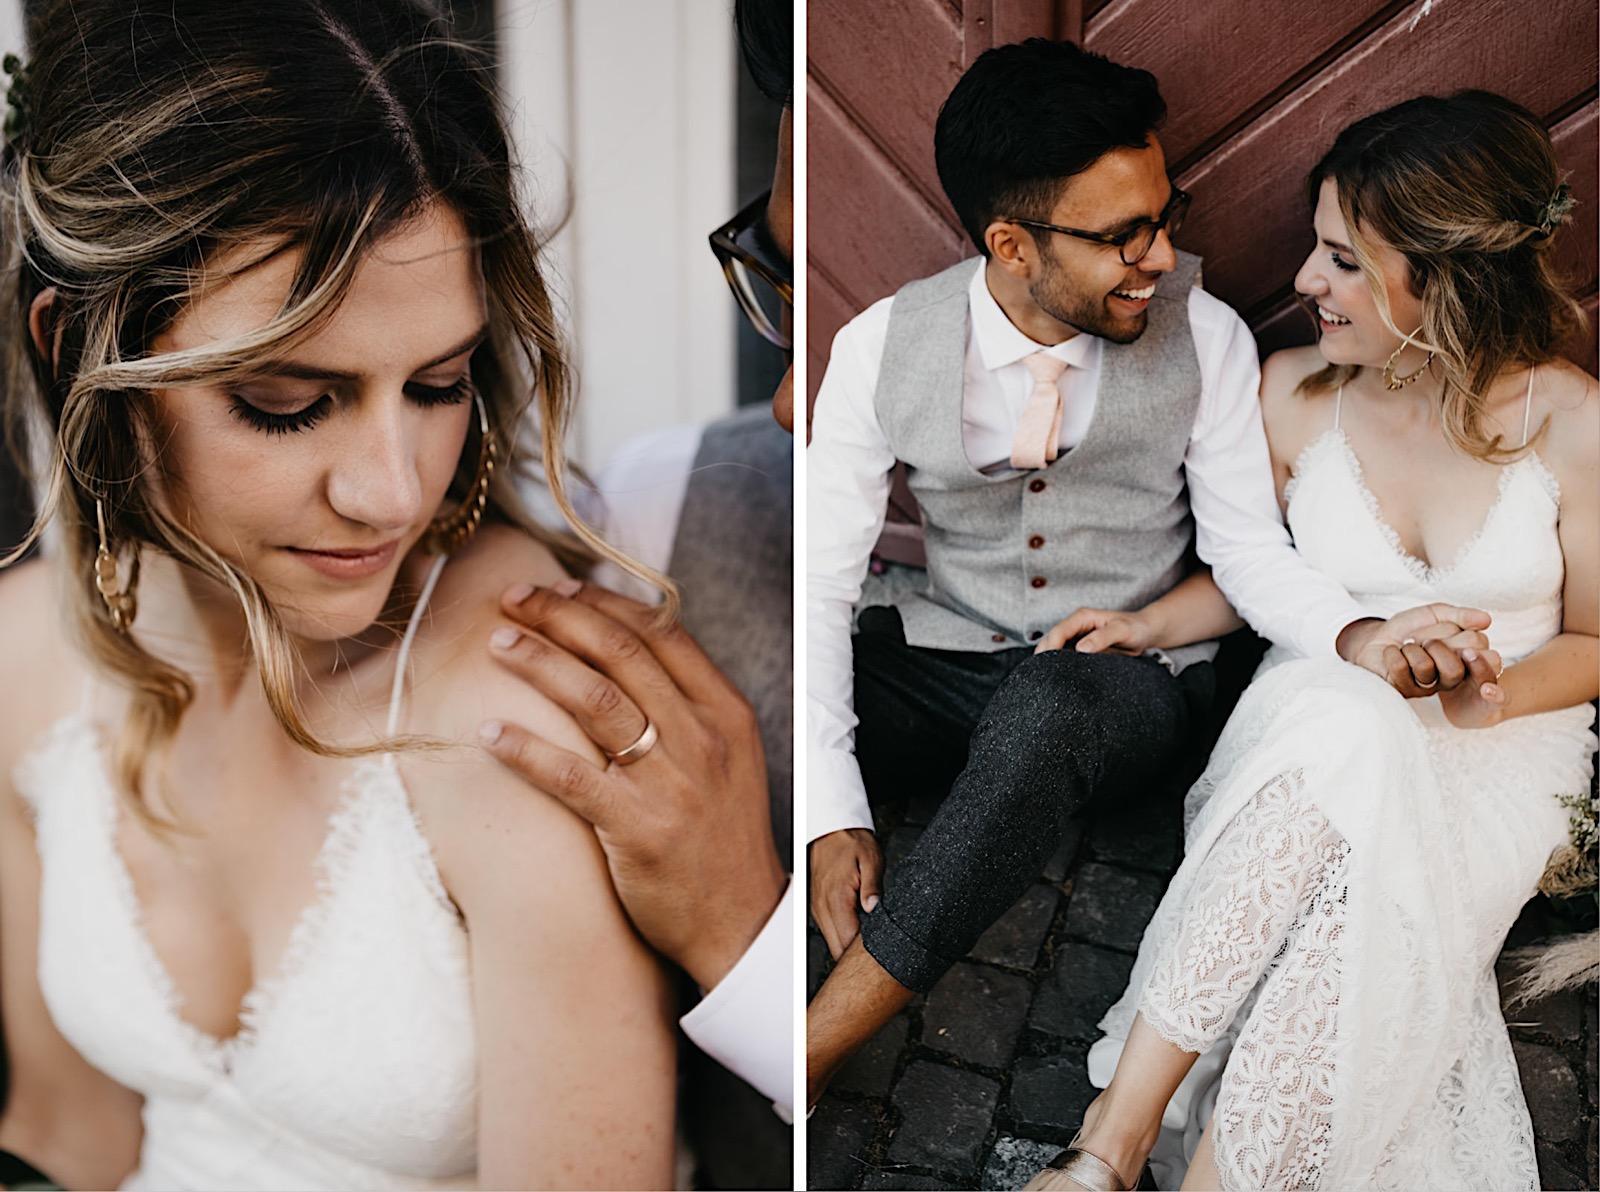 11_bohowedding_afterweddingshoot_elopement_switzerland (42 von 55)_bohowedding_afterweddingshoot_elopement_switzerland (47 von 55).jpg